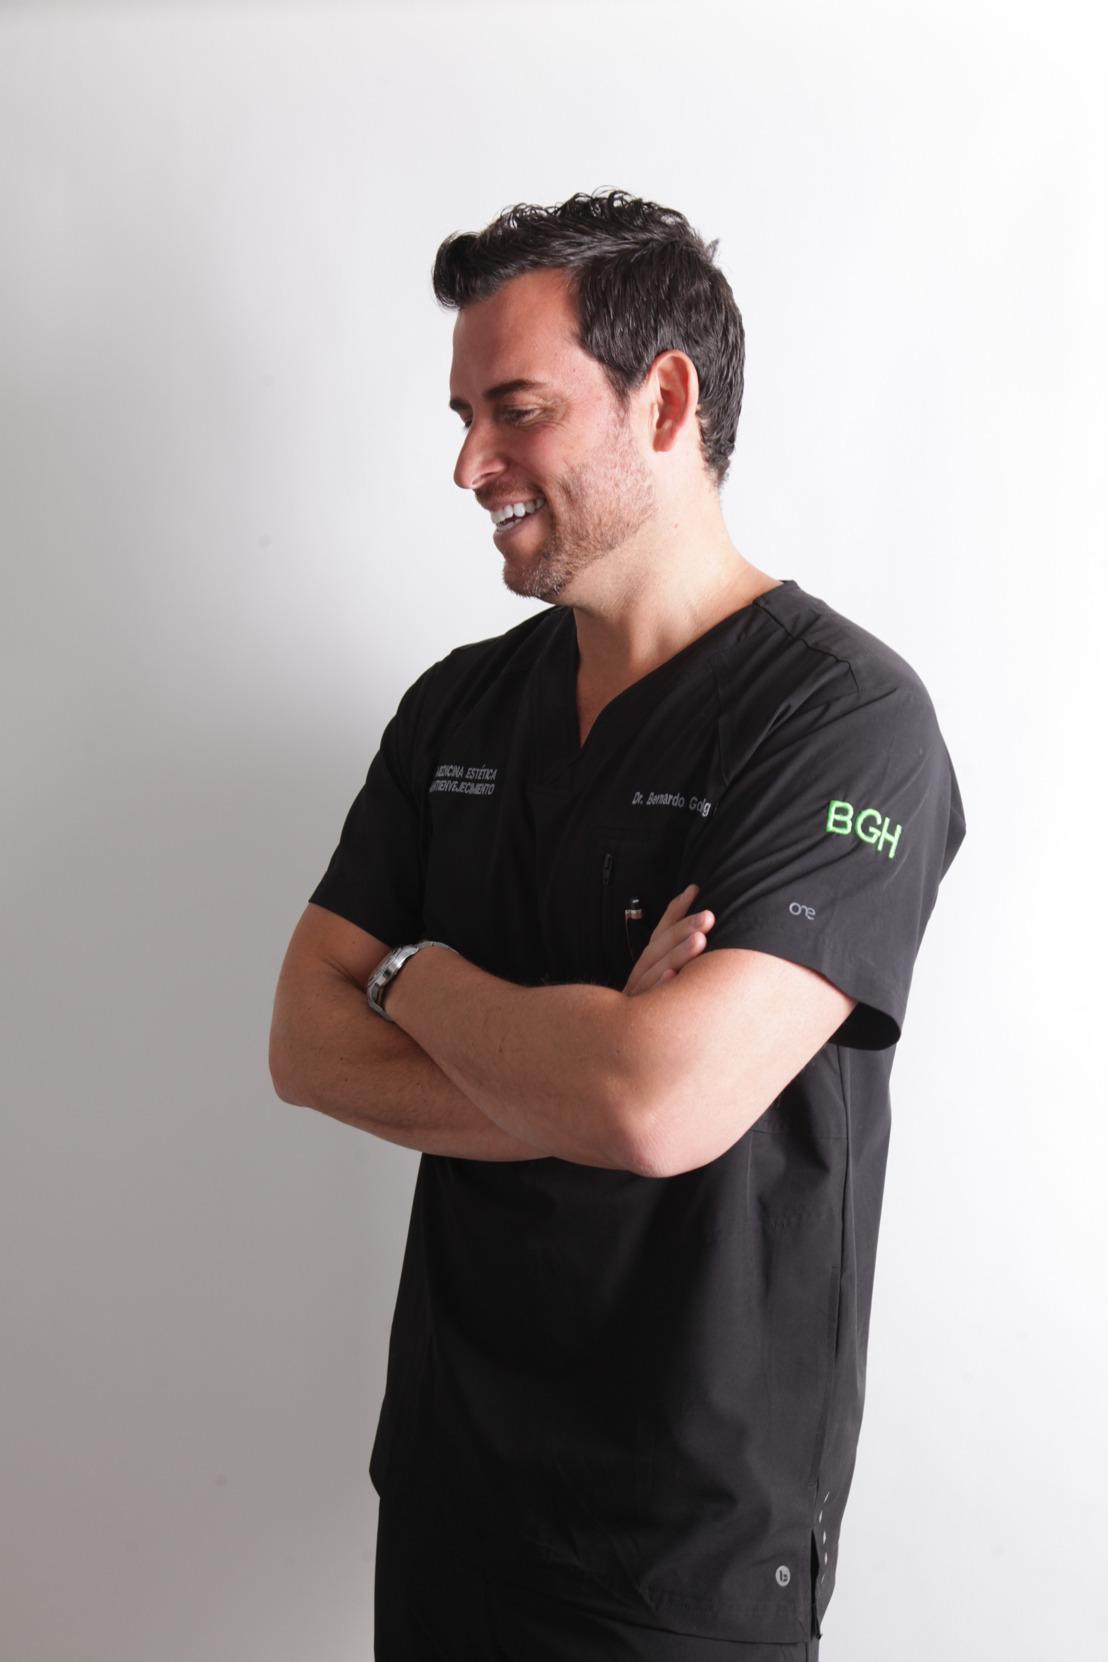 Dr. Bernardo Goldzweig y su clínica BGH Medicina Estética se unen a Sweet AD